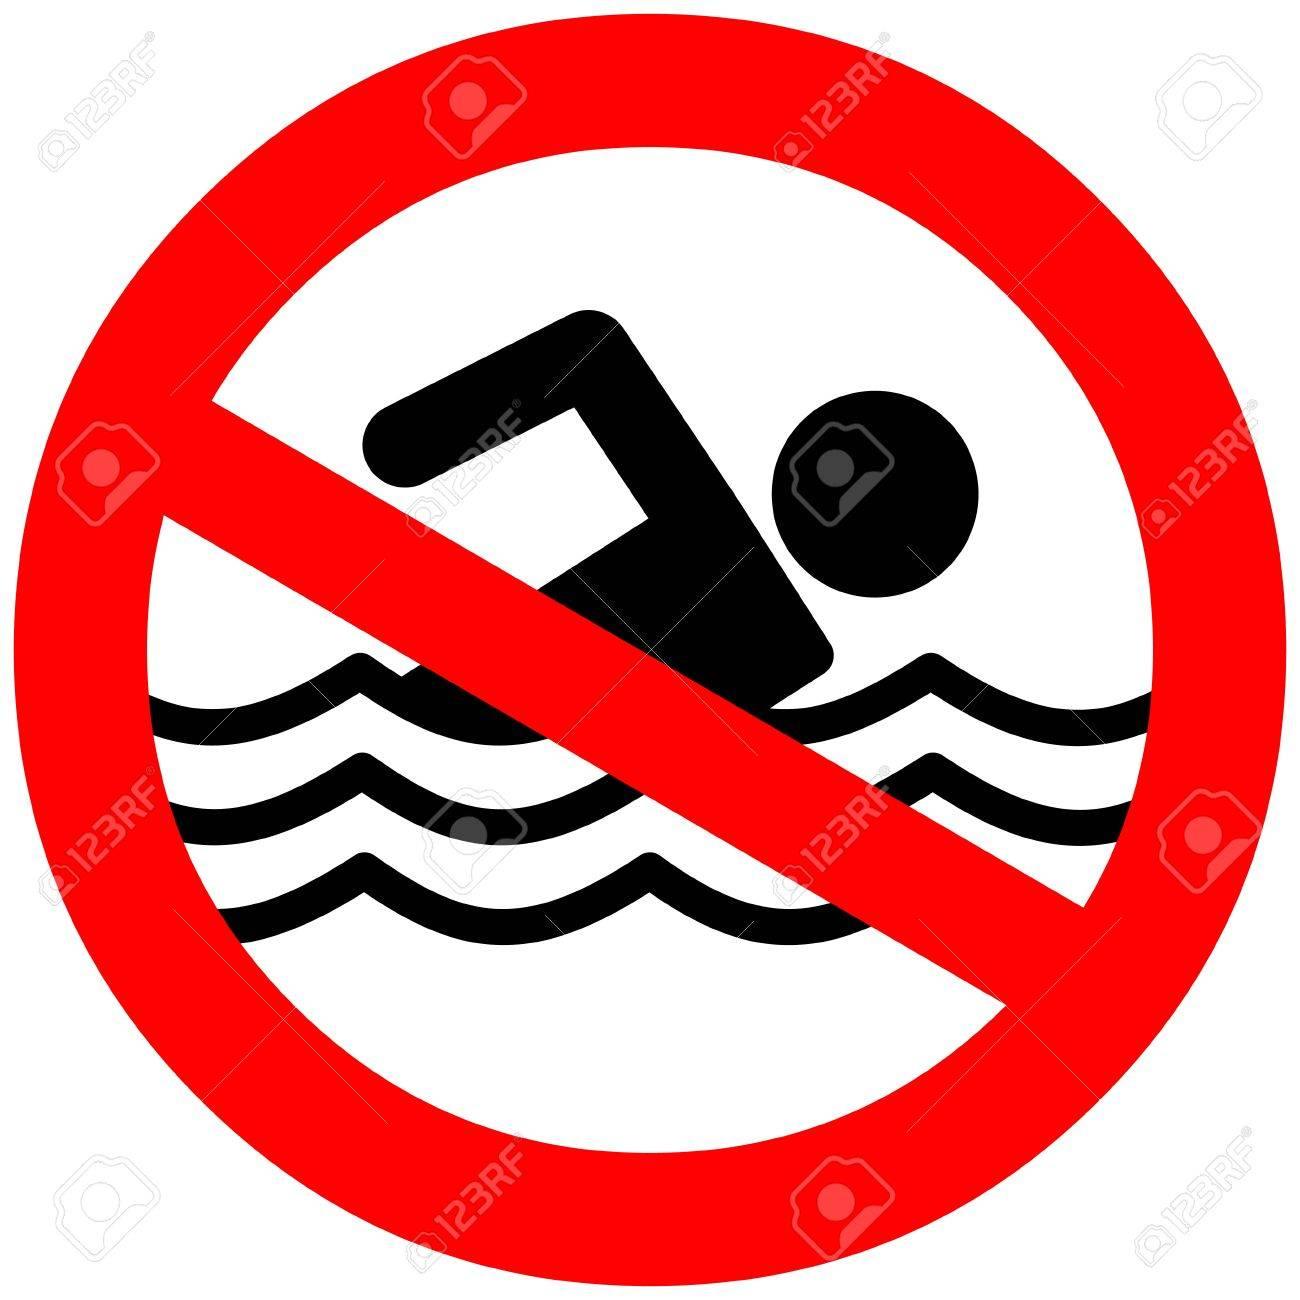 No Swimming Clipart.